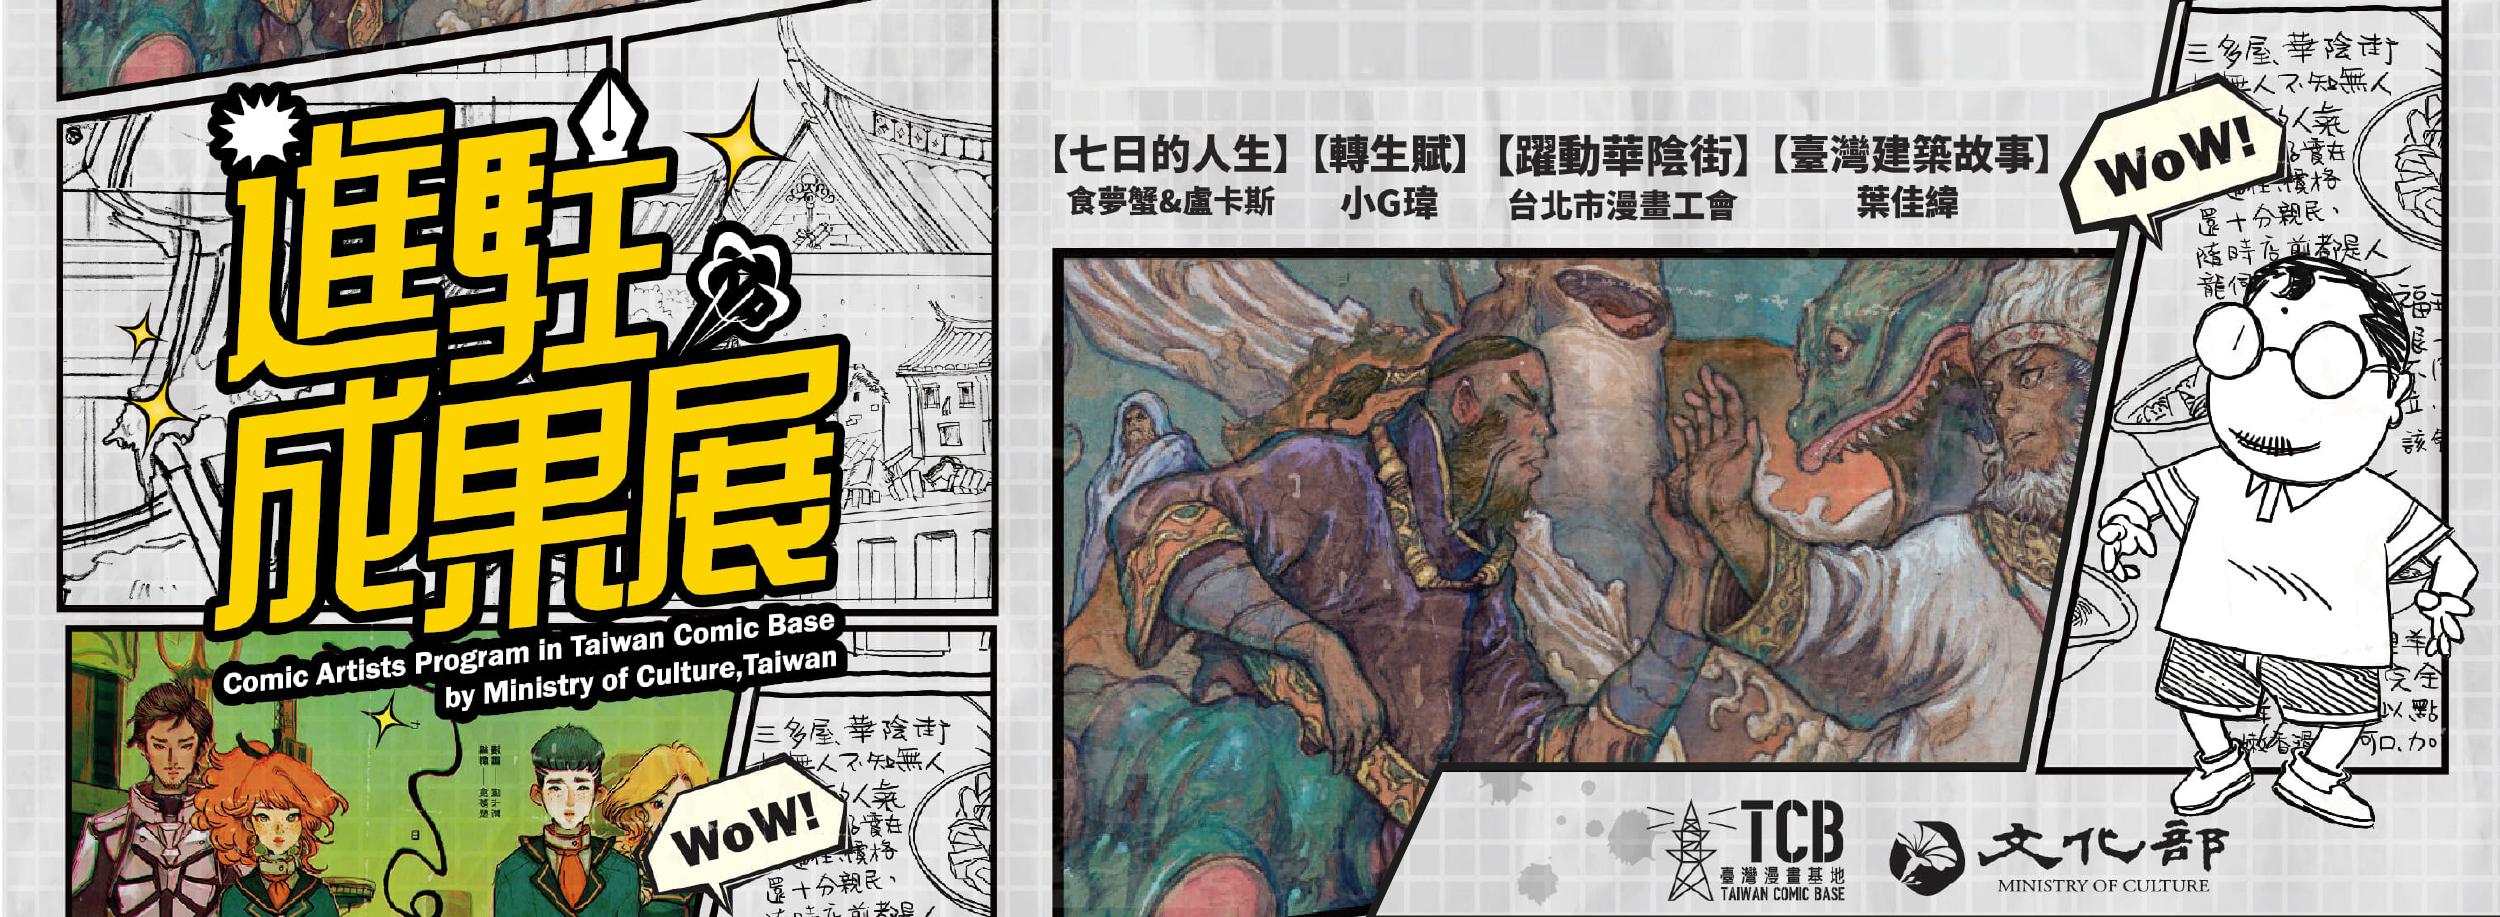 【基地特展】臺灣漫畫基地進駐成果展──108年度第一梯次